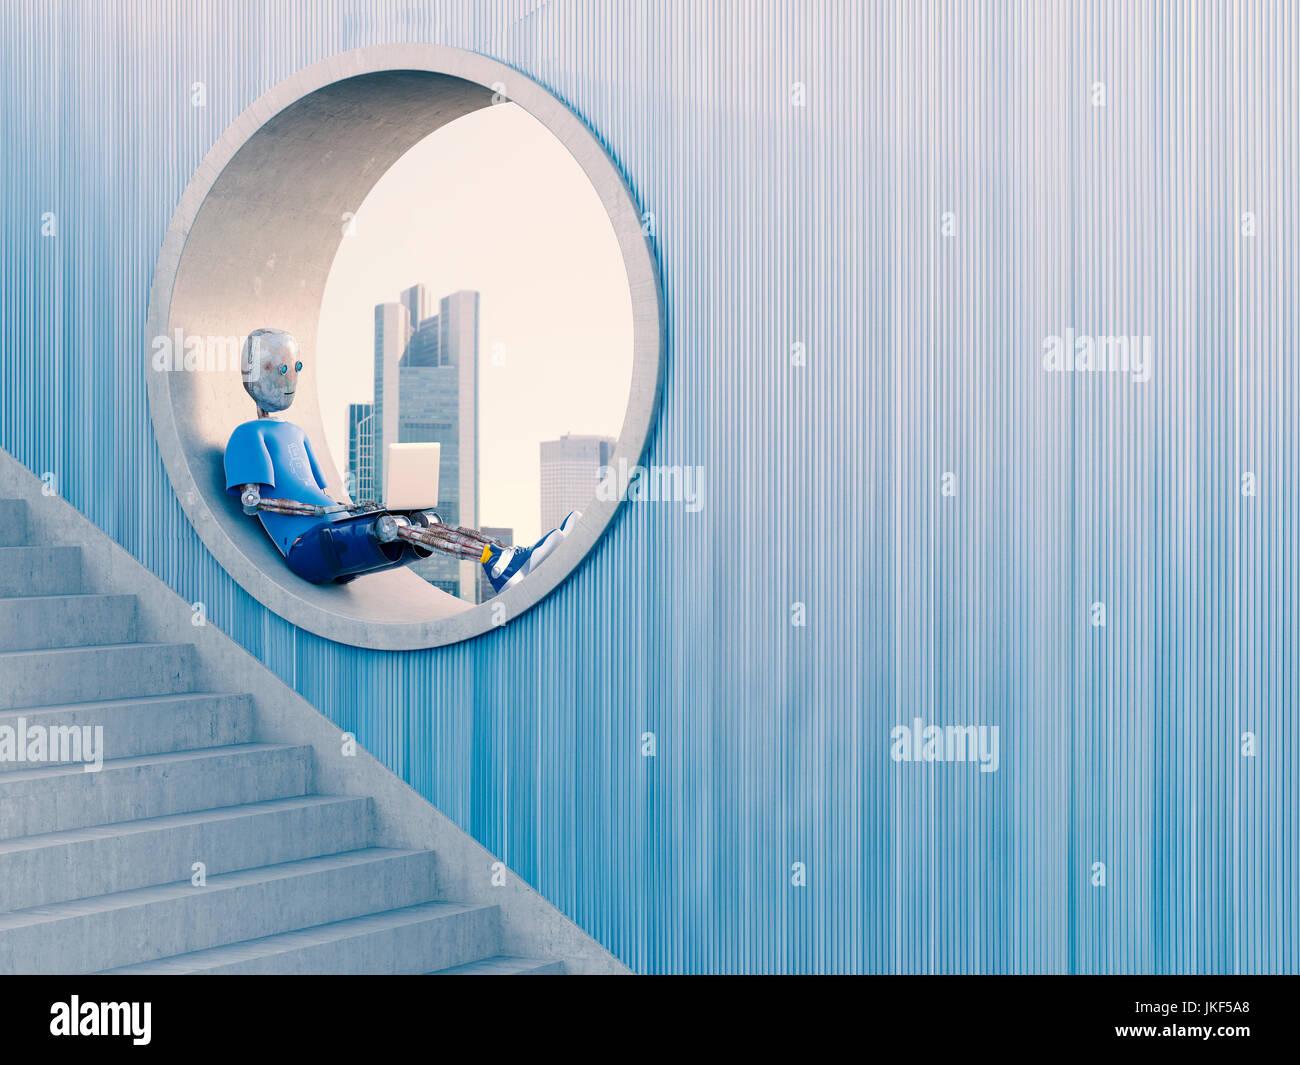 Il robot seduto nella finestra rotonda utilizzando laptop, rendering 3D Immagini Stock